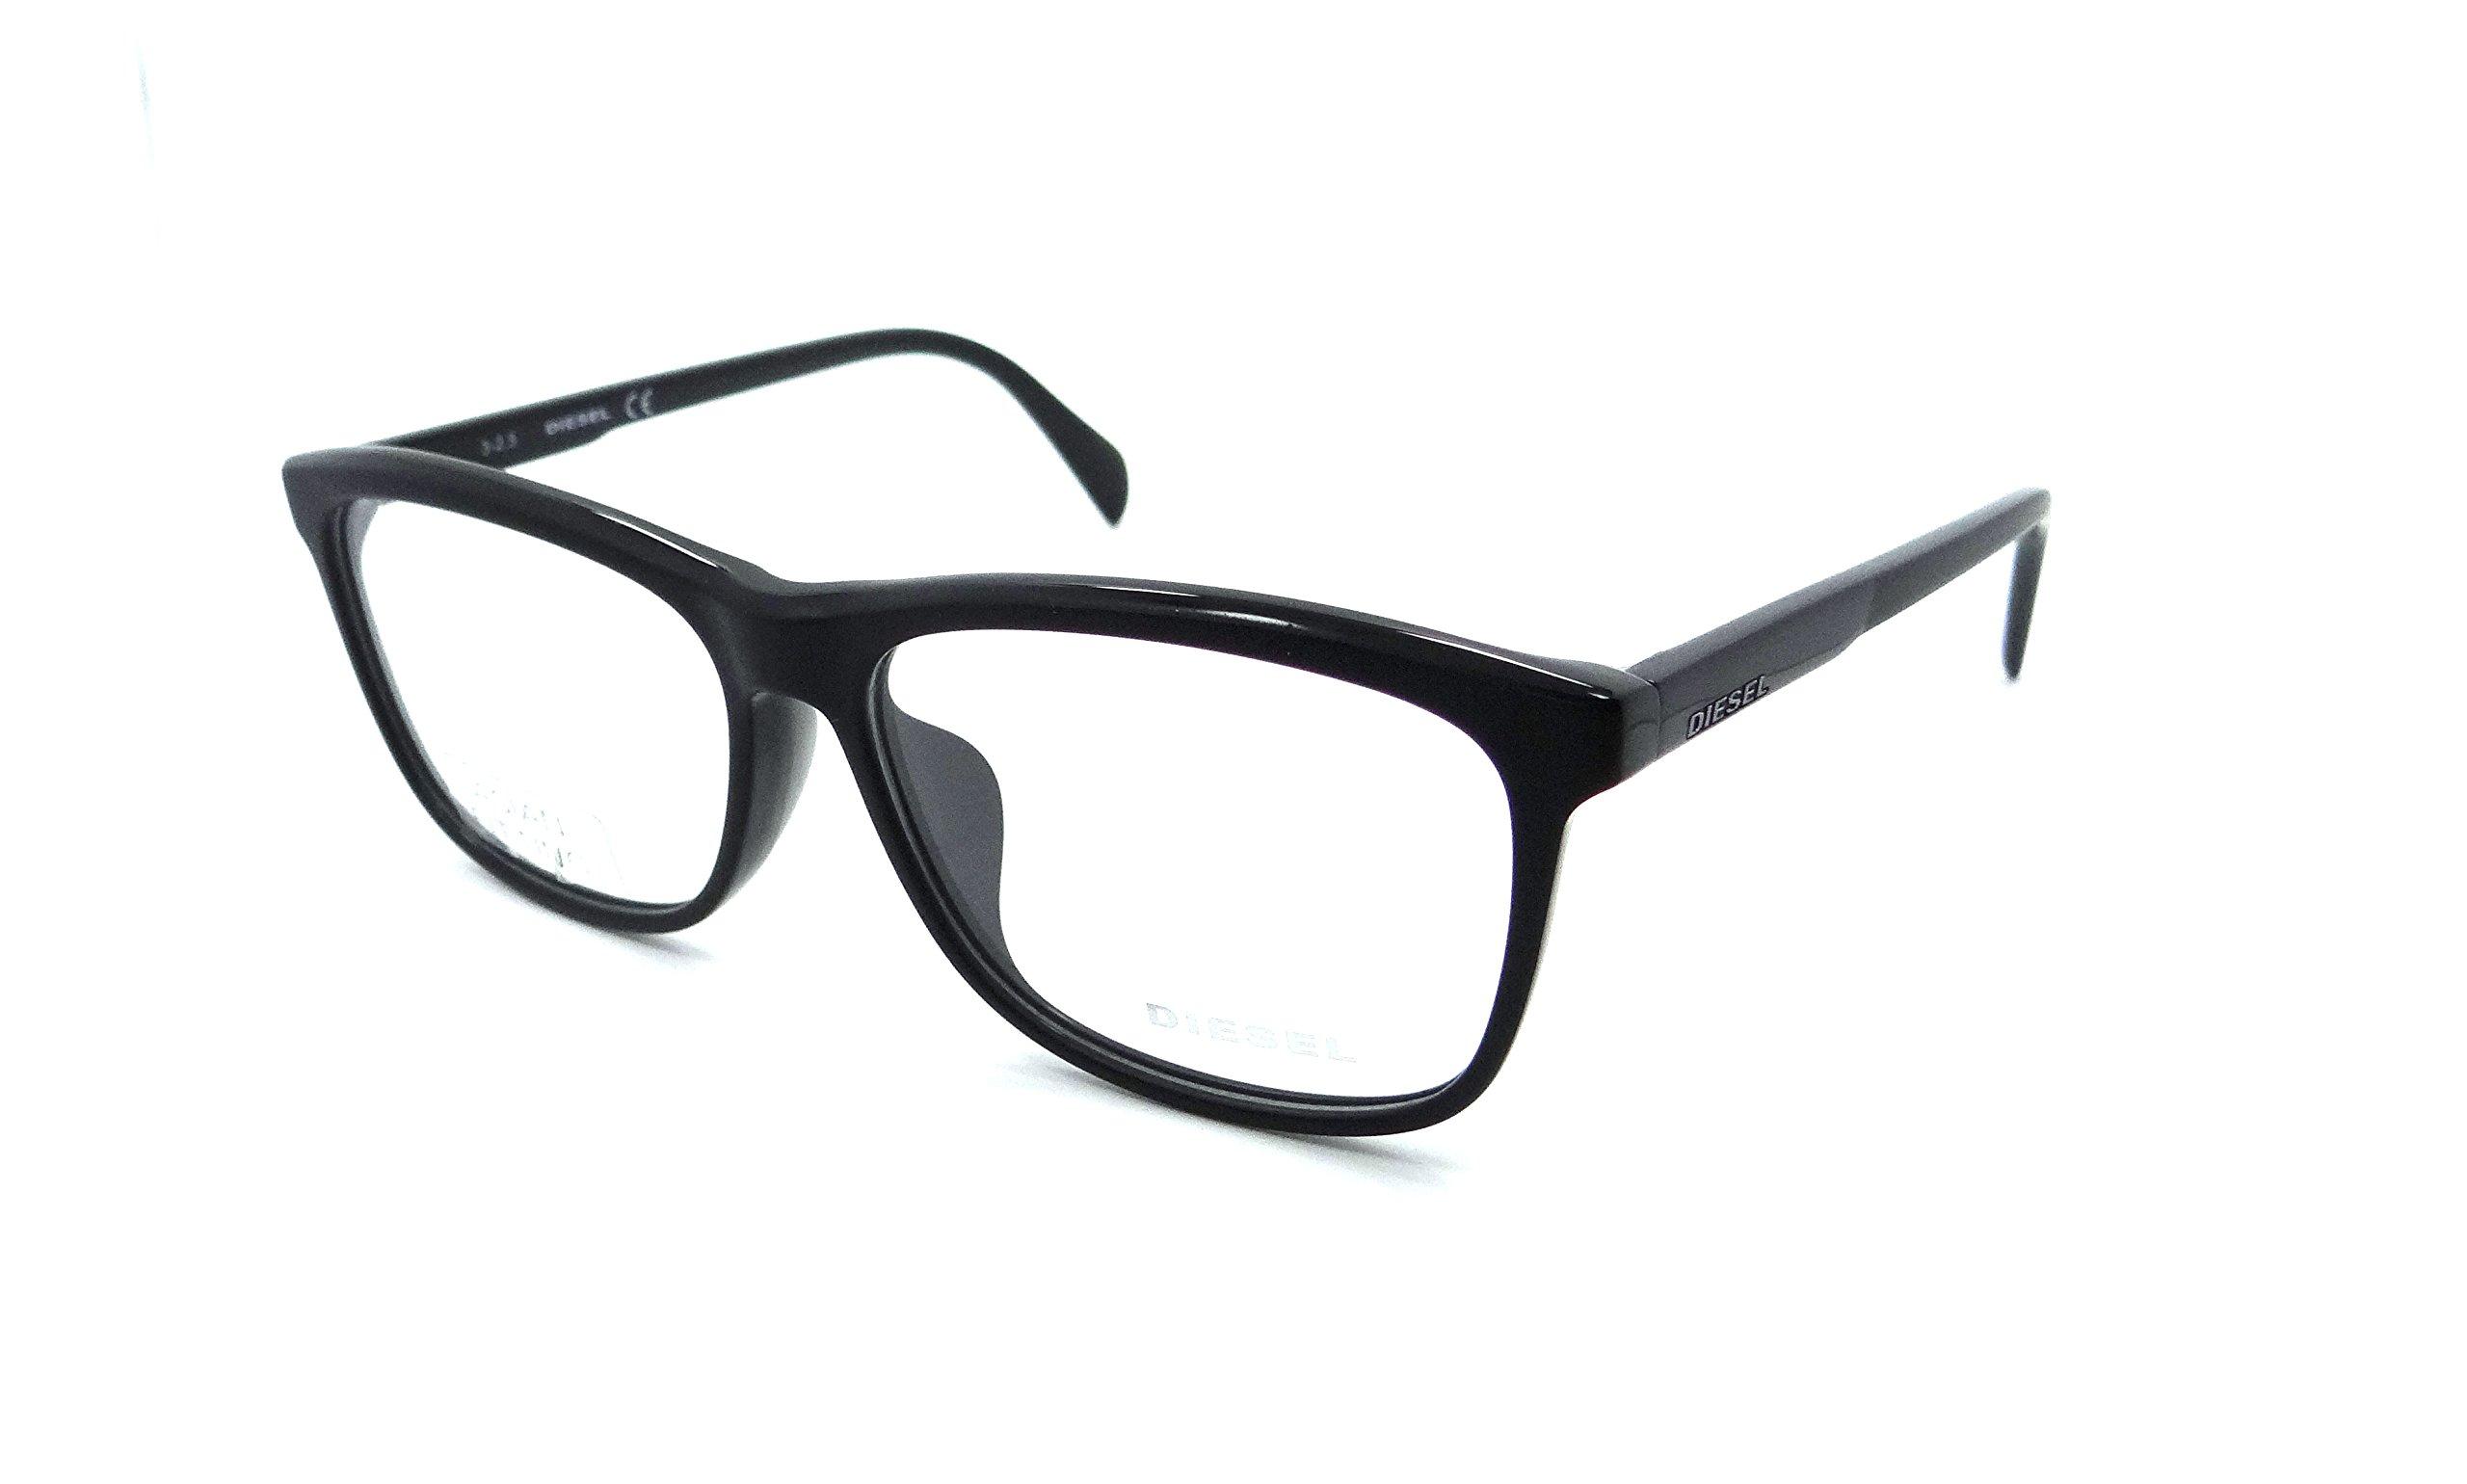 Diesel Rx Eyeglasses Frames DL5183-F 002 57-14-145 Matte Black / Shiny Asian Fit